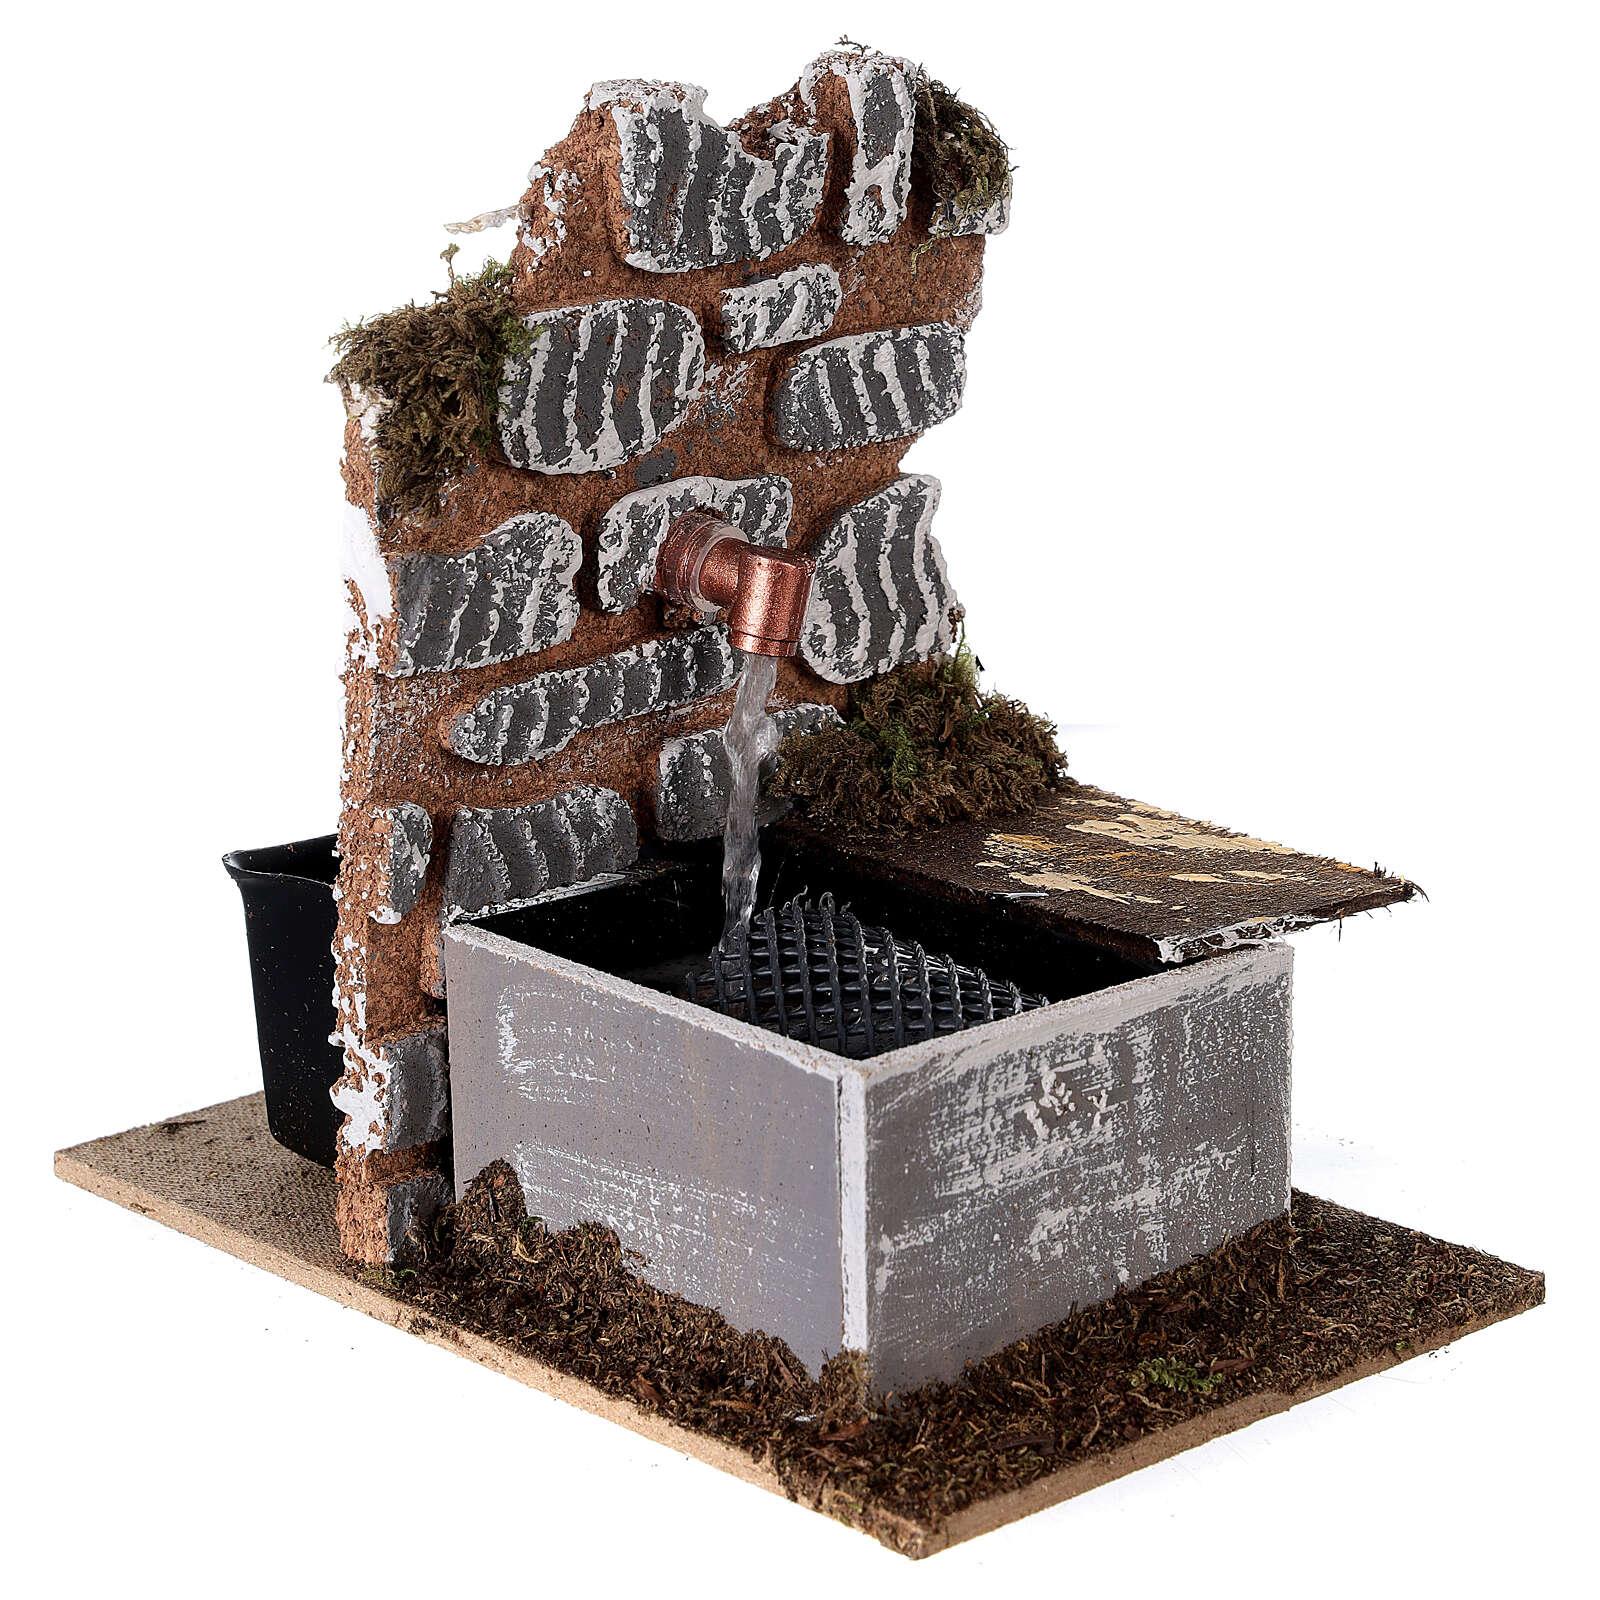 Fontaine avec pompe 15x10x15 cm miniature crèche 10-12 cm 4